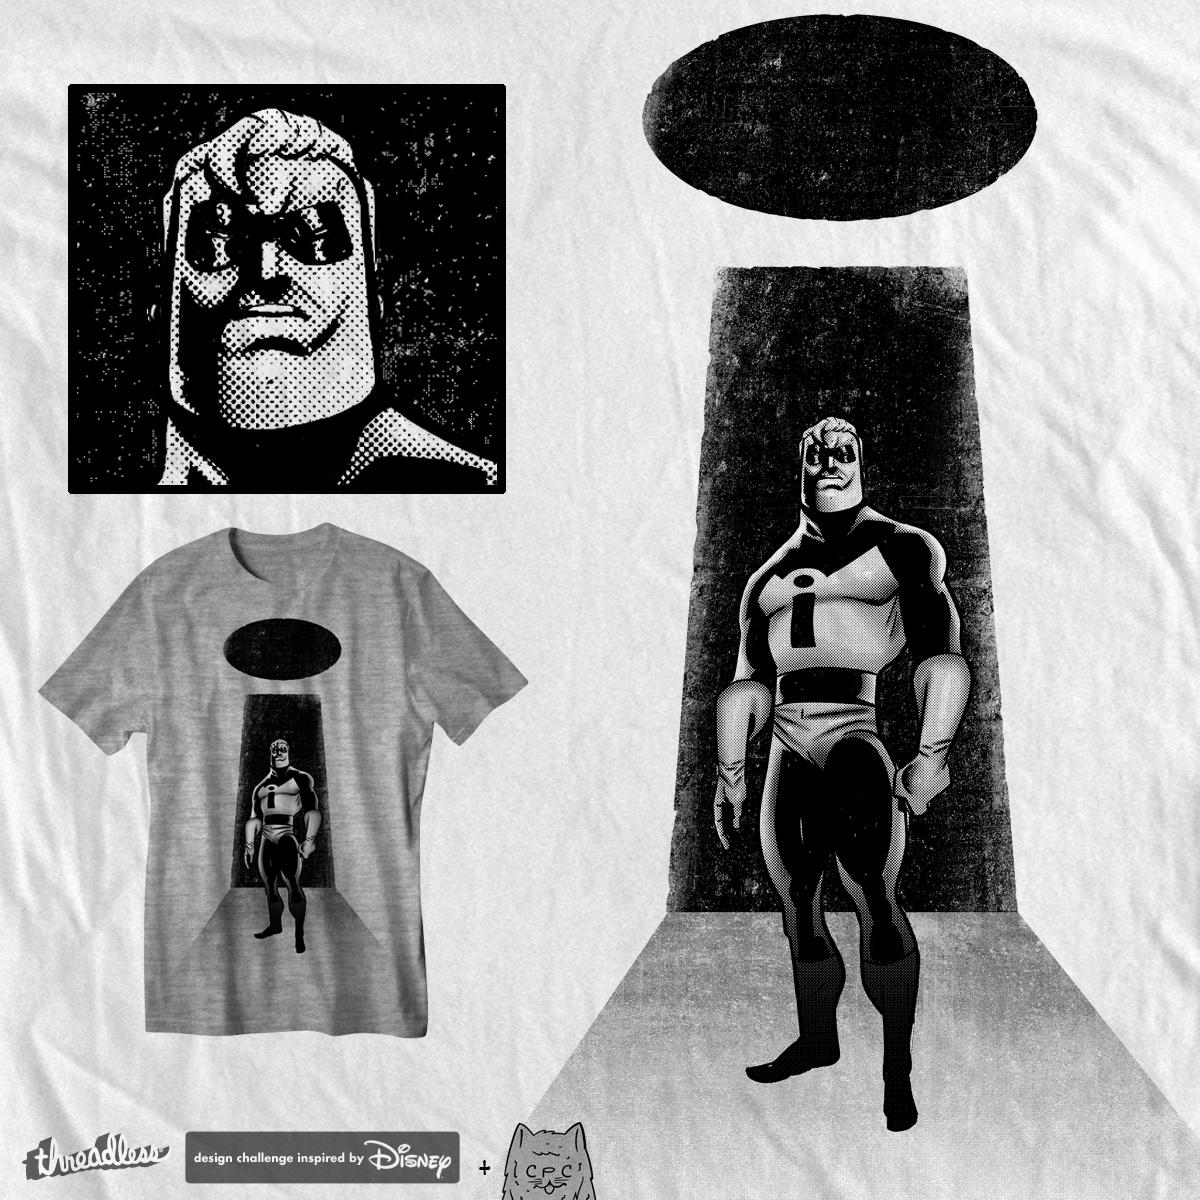 incredi-bold, a cool t-shirt design